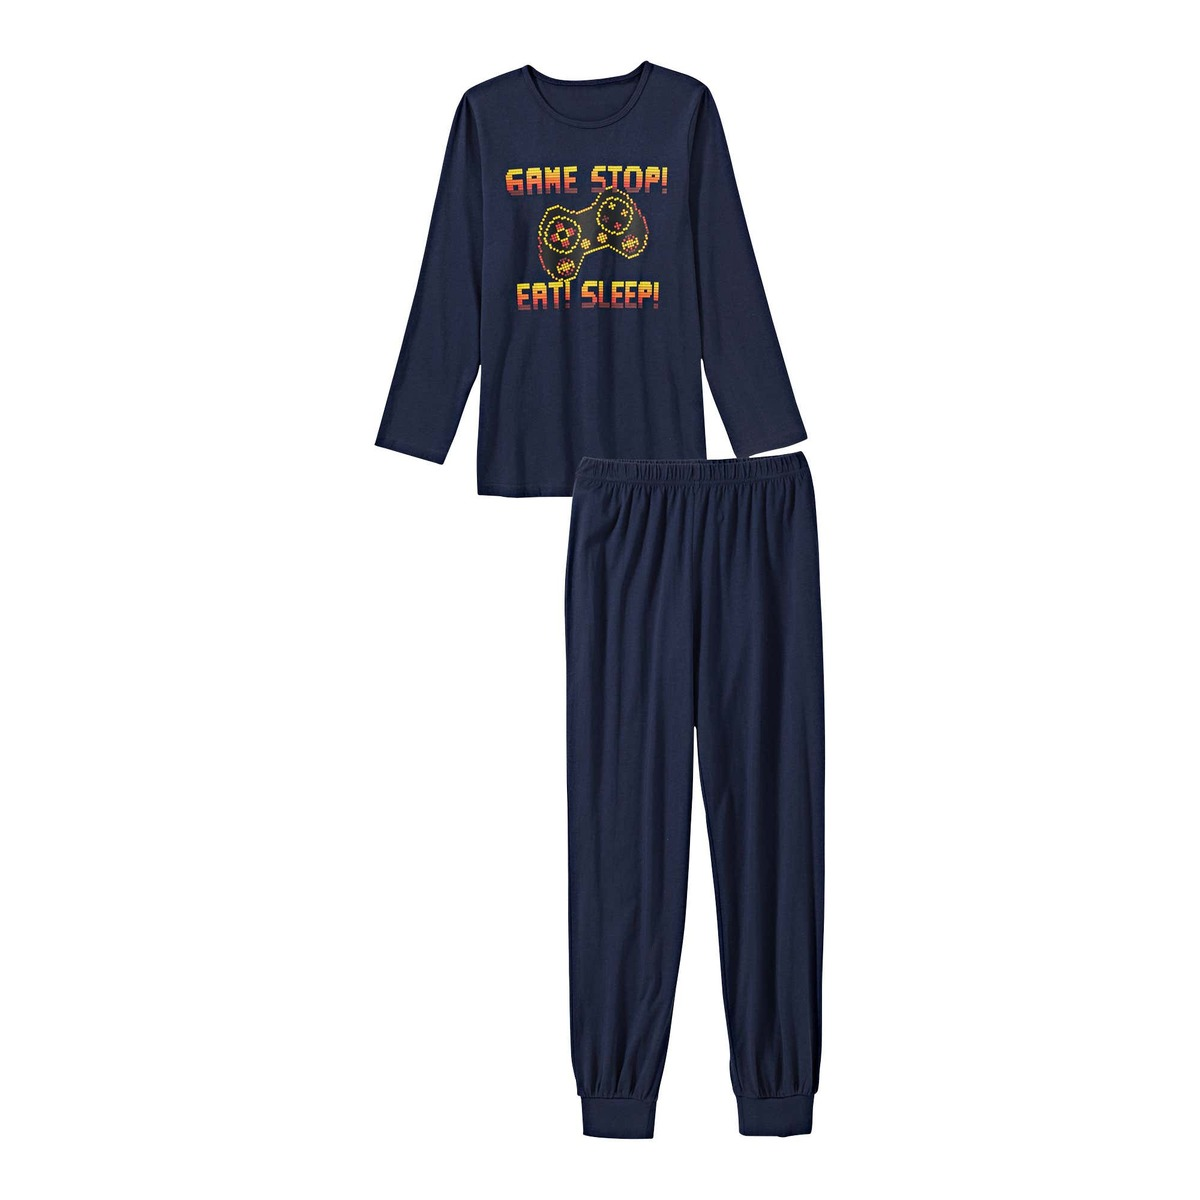 Bild 1 von Jungen-Schlafanzug mit Gamer-Motiv, 2-teilig